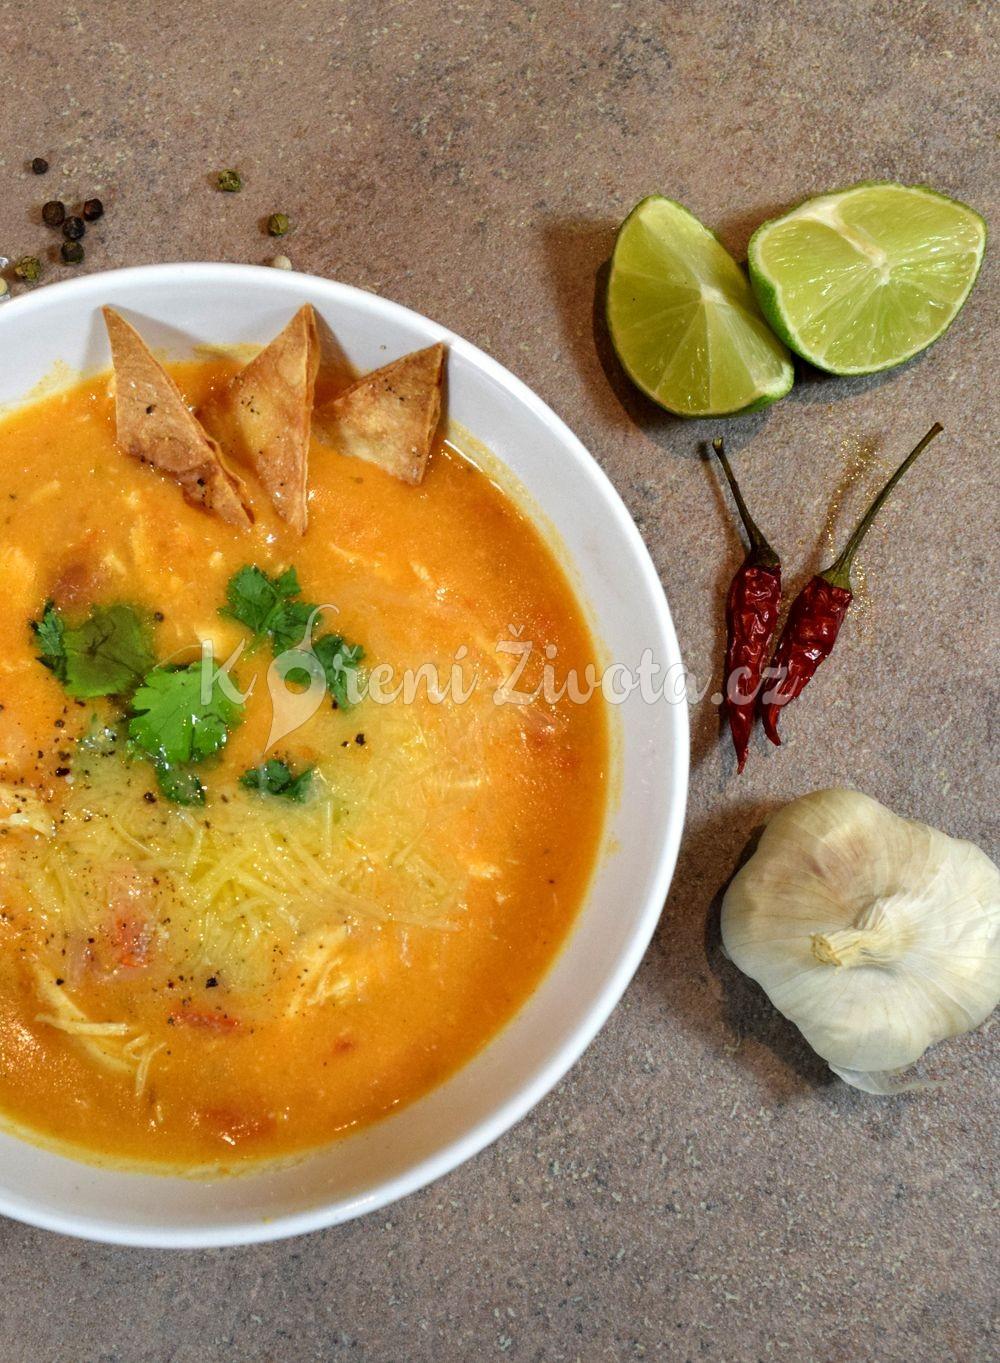 Kuřecí polévka enchiladas s kuřecím masem a chedarem